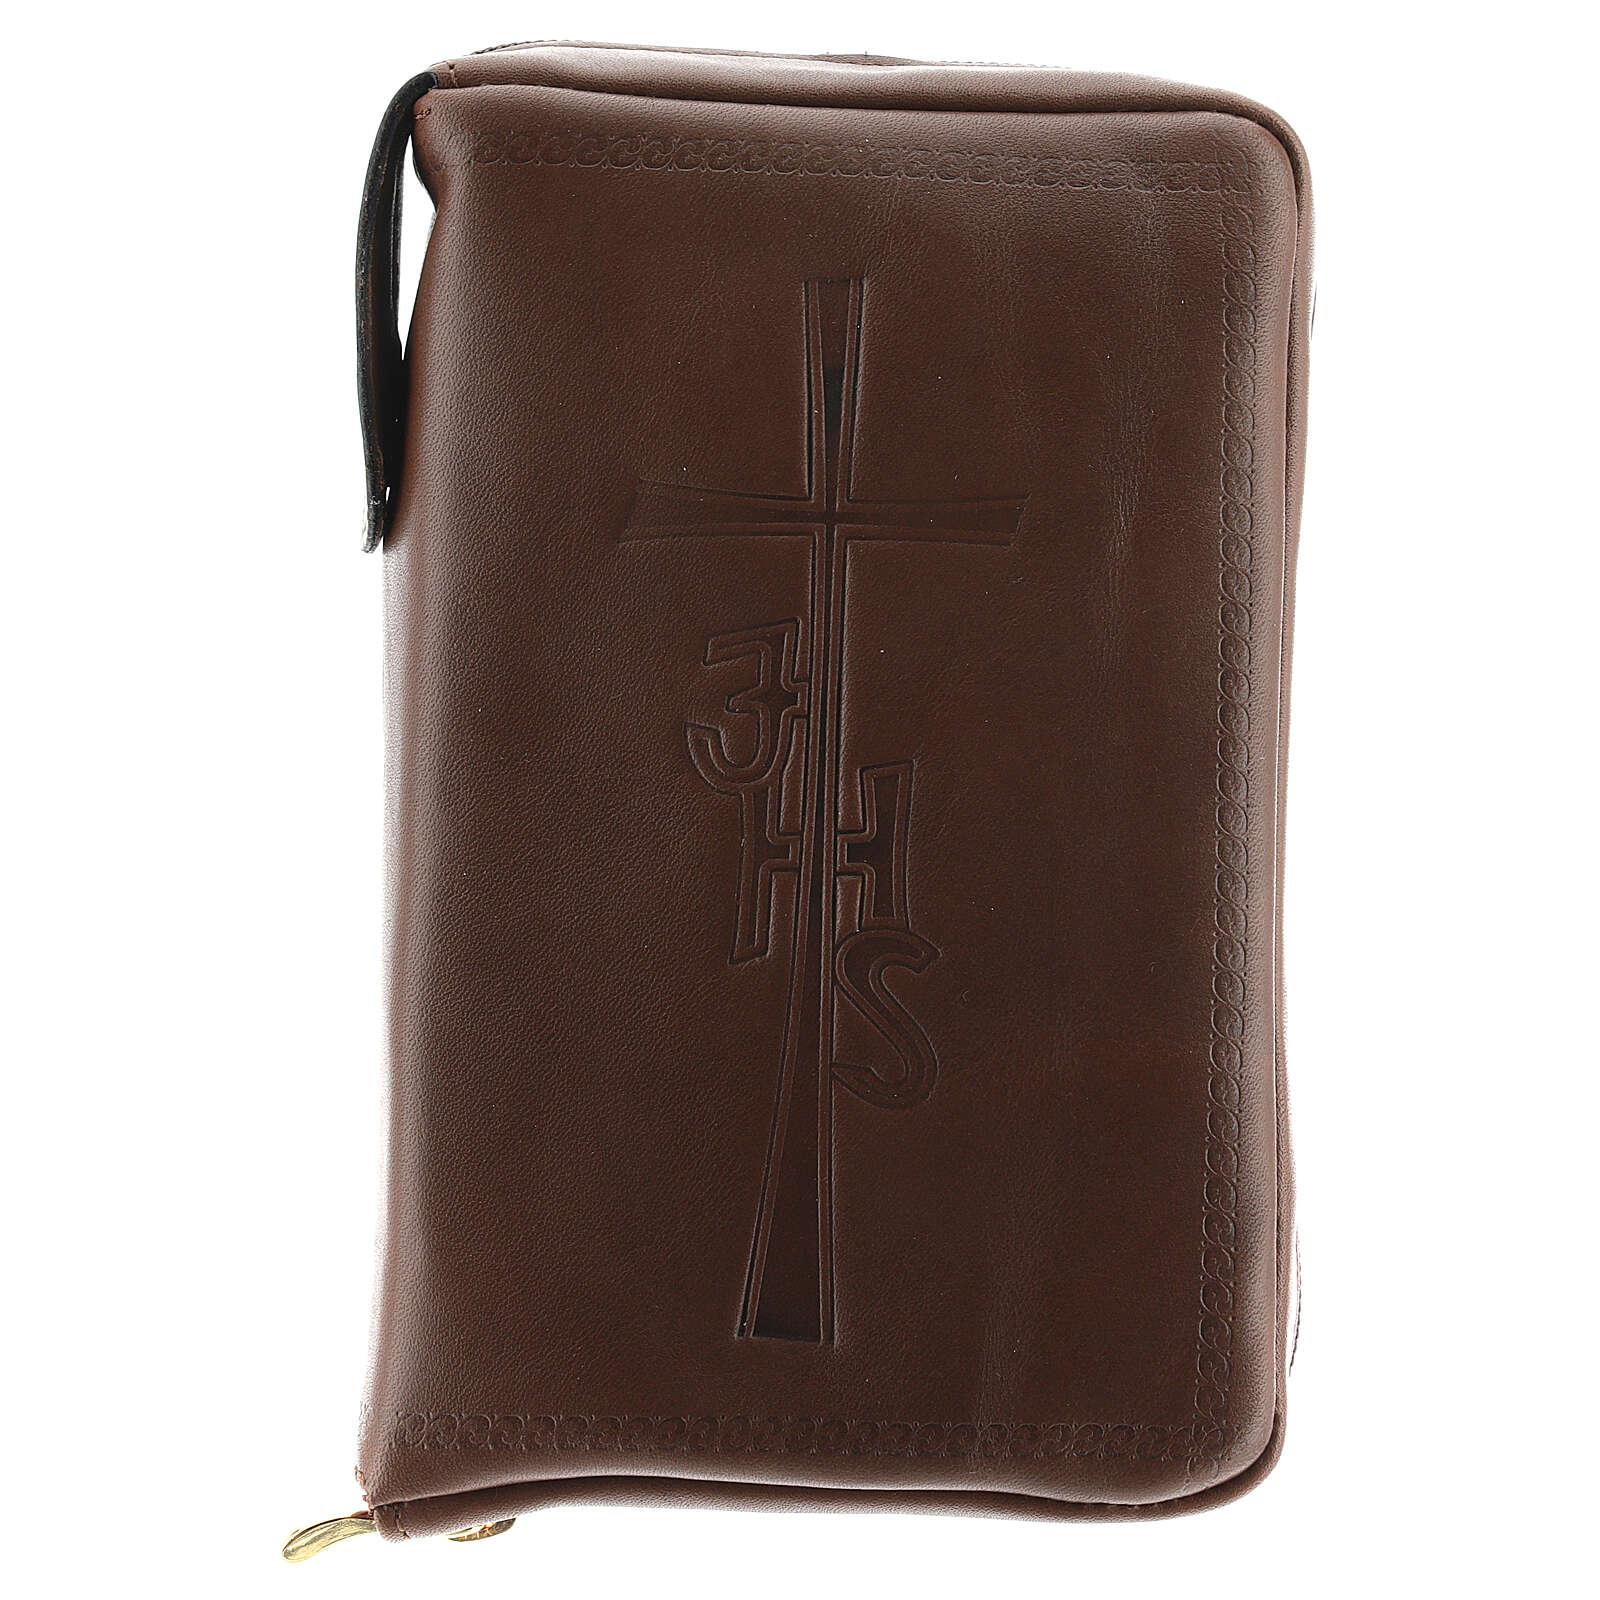 Couverture Liturgie des heures 4 vol. croix IHS cuir brun fermeture éclair 4